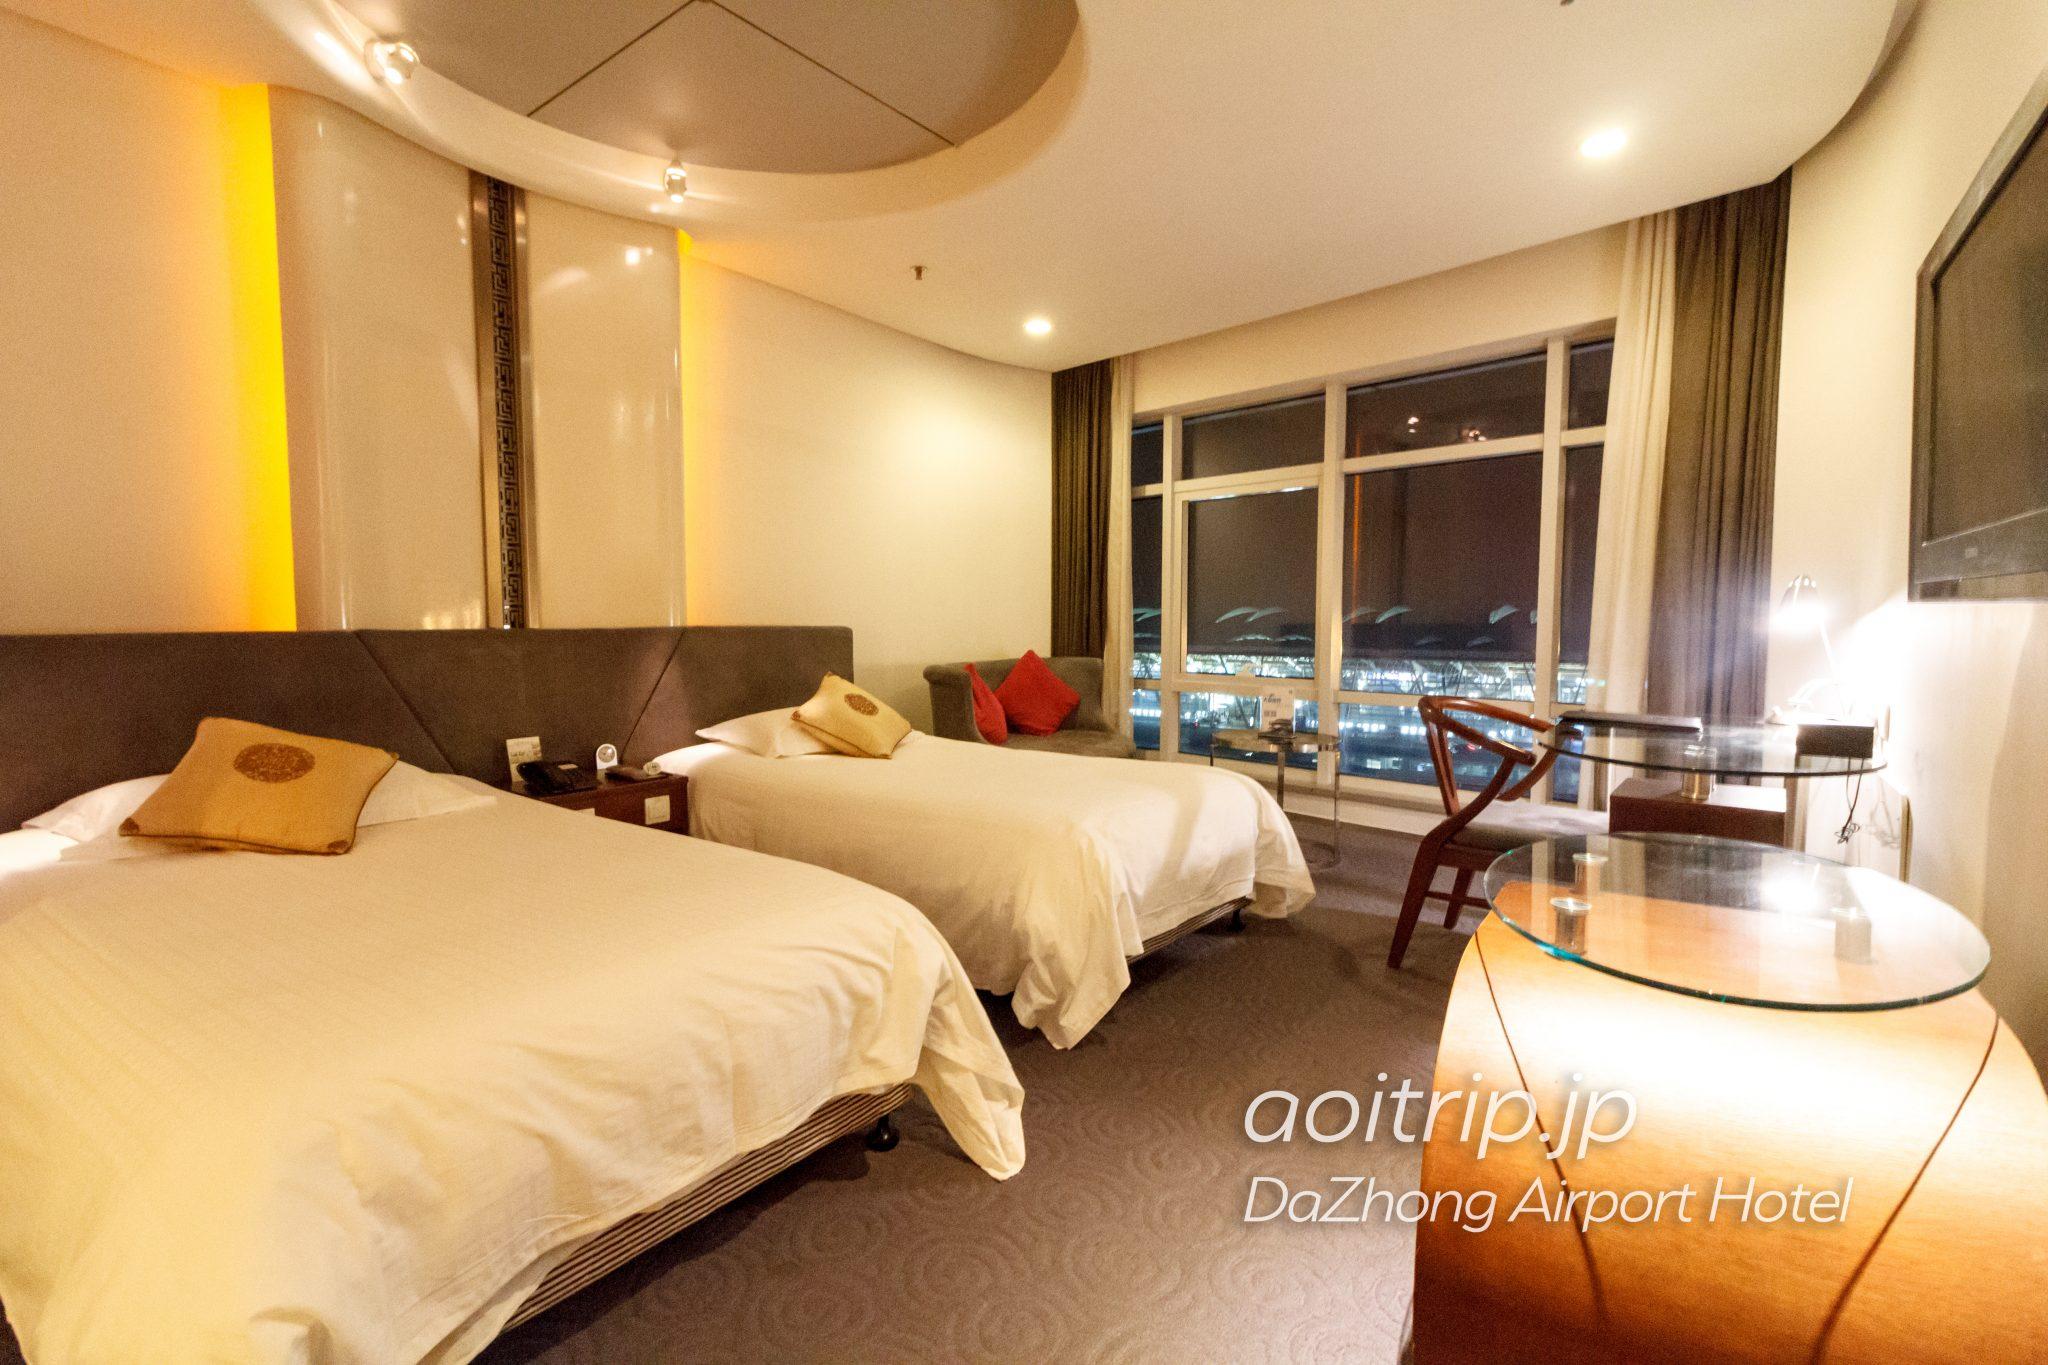 上海 ダージョンエアポートホテルのお部屋